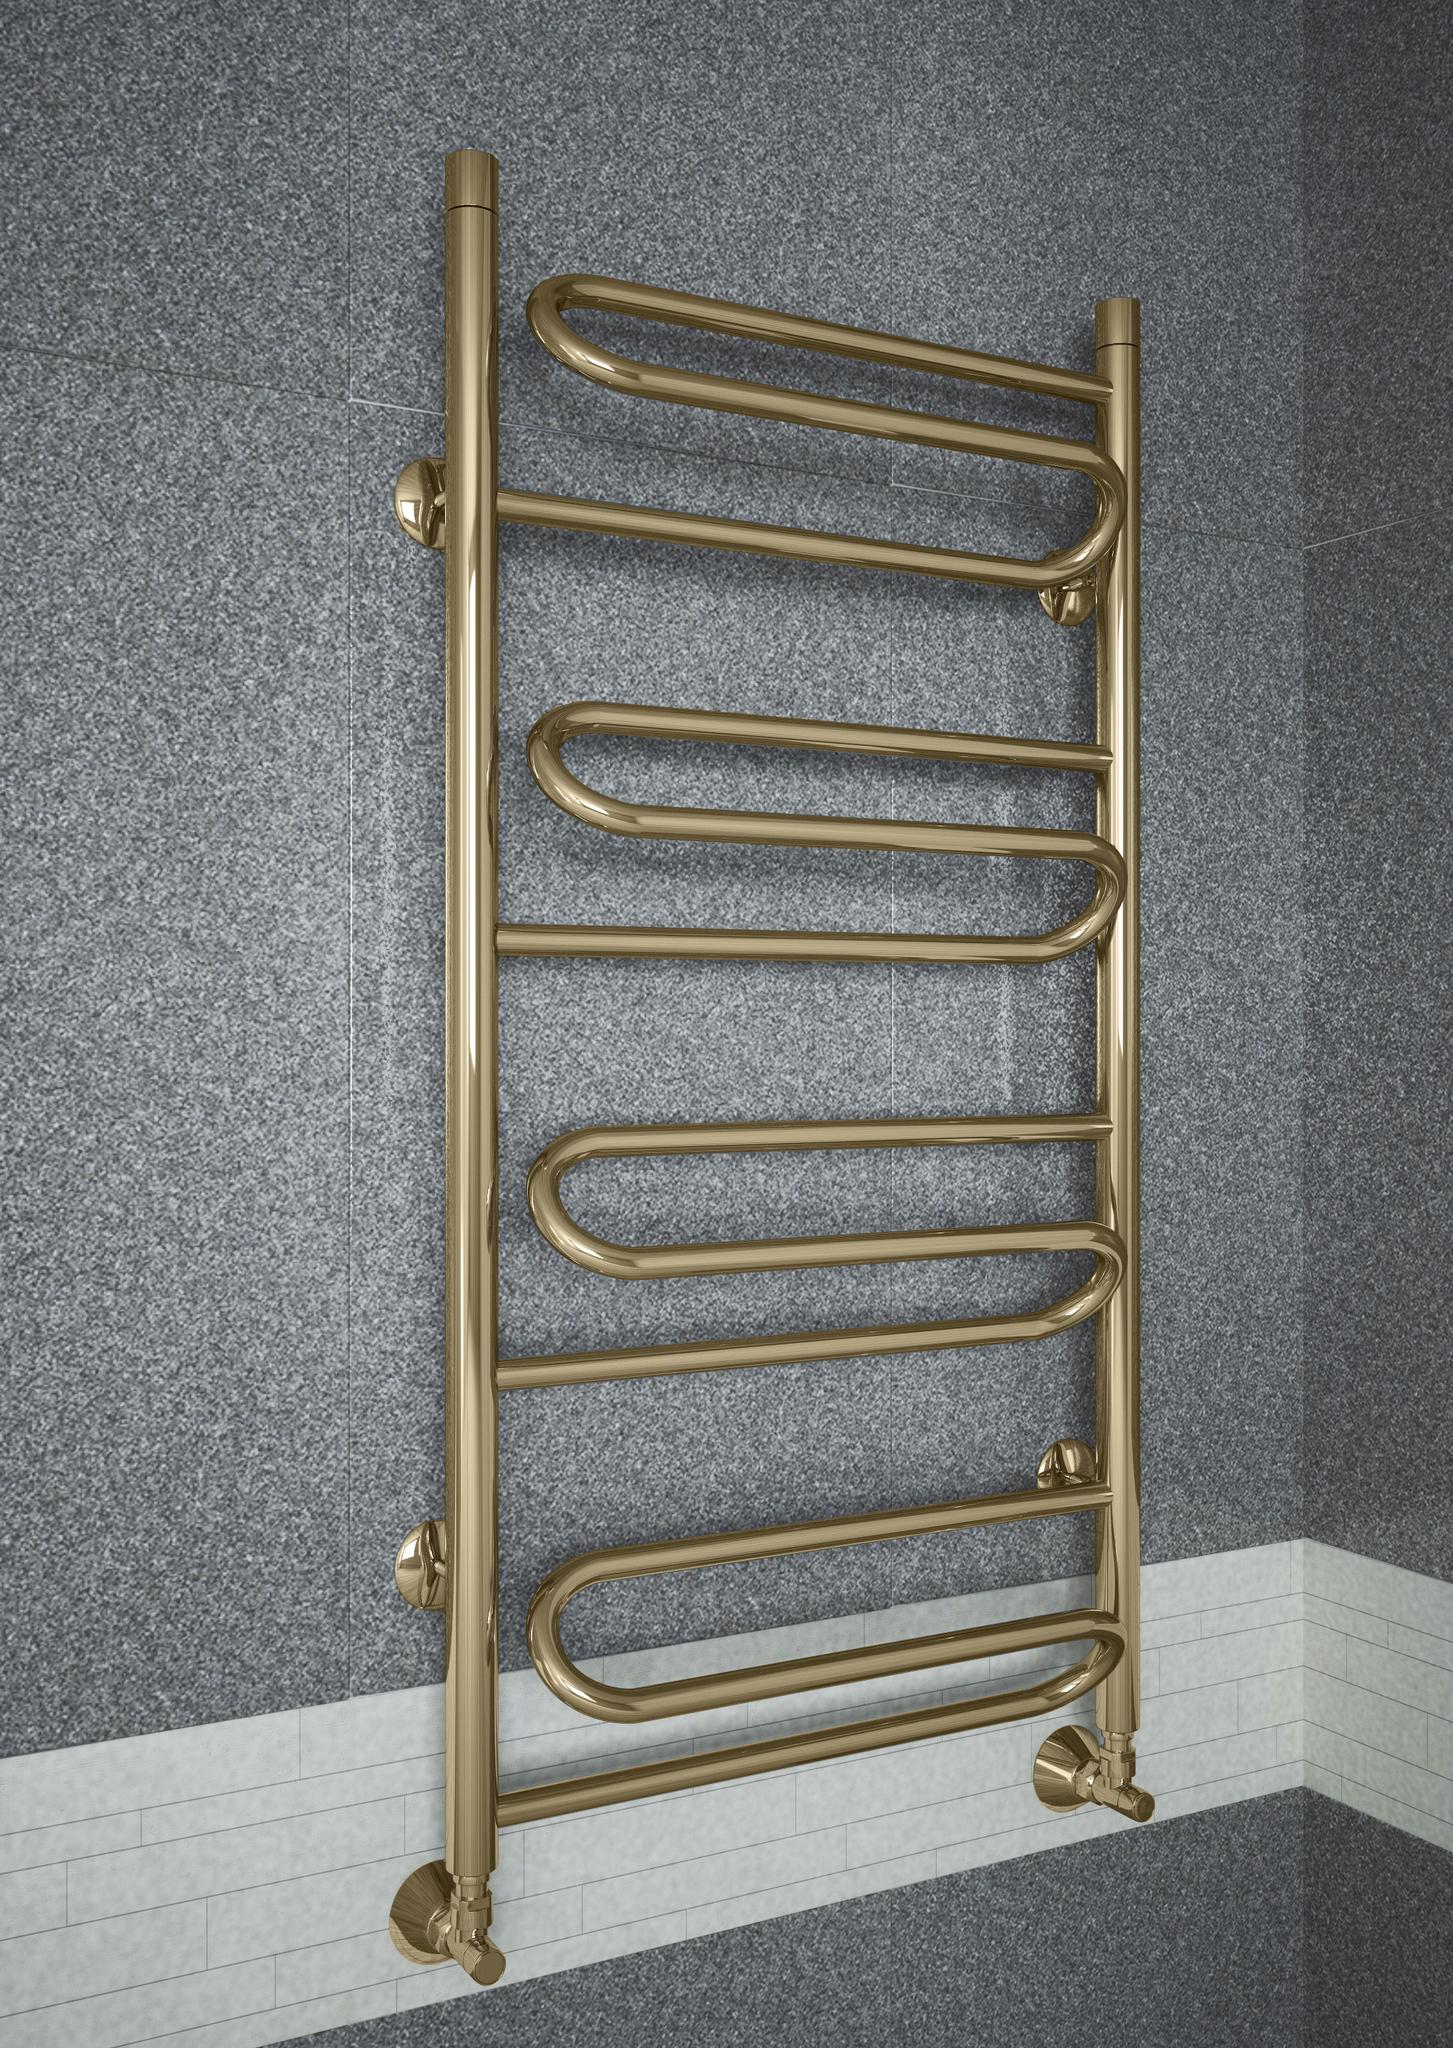 Upiter E - бронзовый полотенцесушитель с увеличенным пространством для сушки.